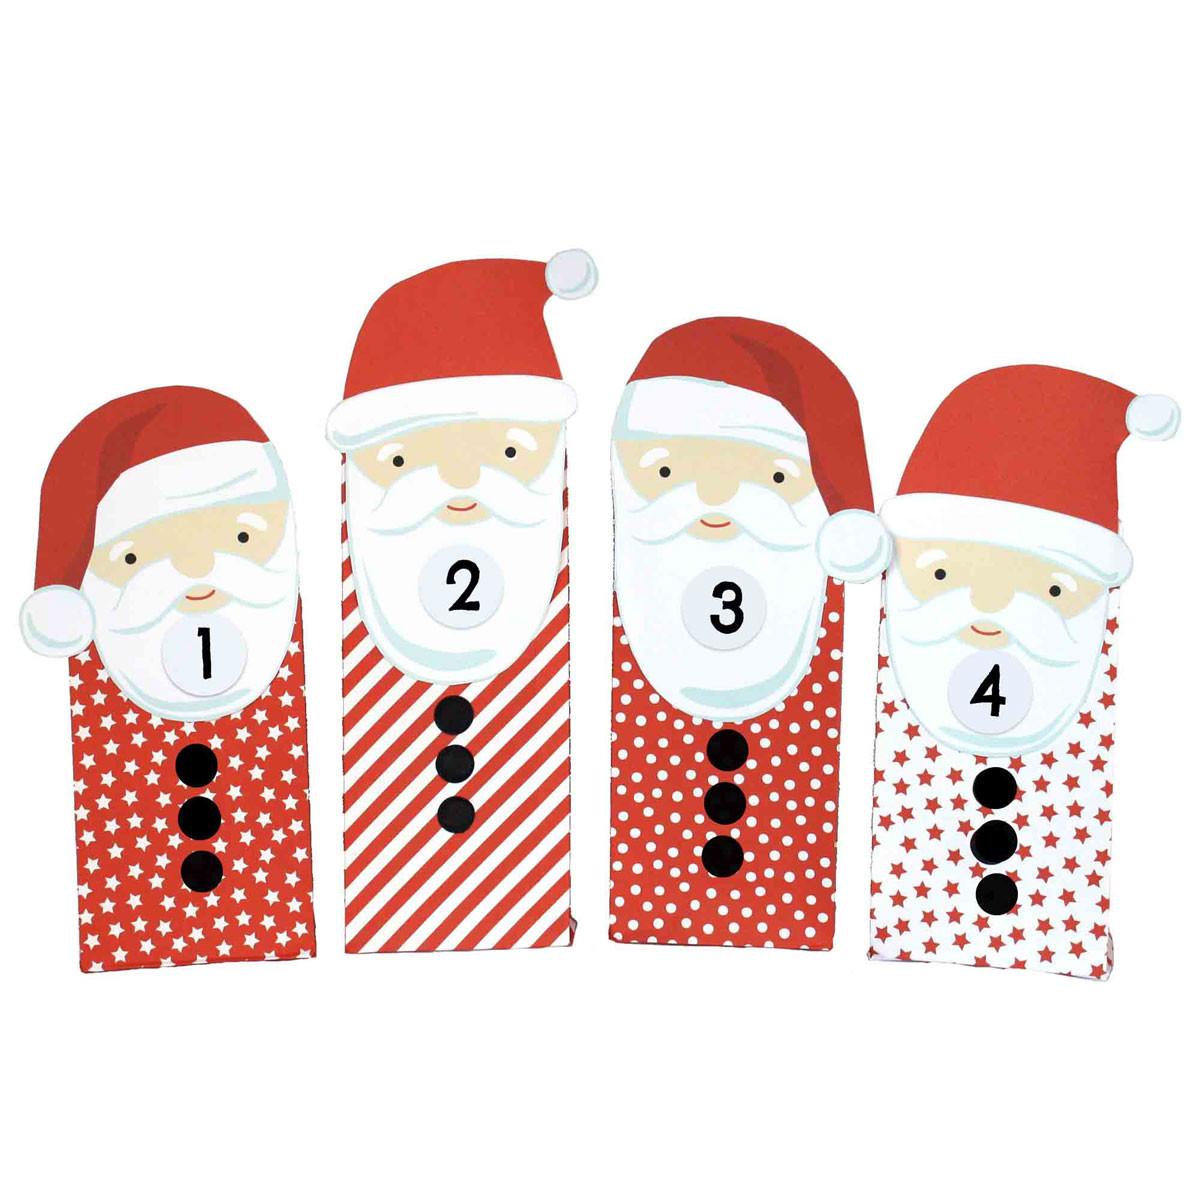 Diy Für Kinder  DIY Adventskalender Weihnachtsmänner mit roten Tüten